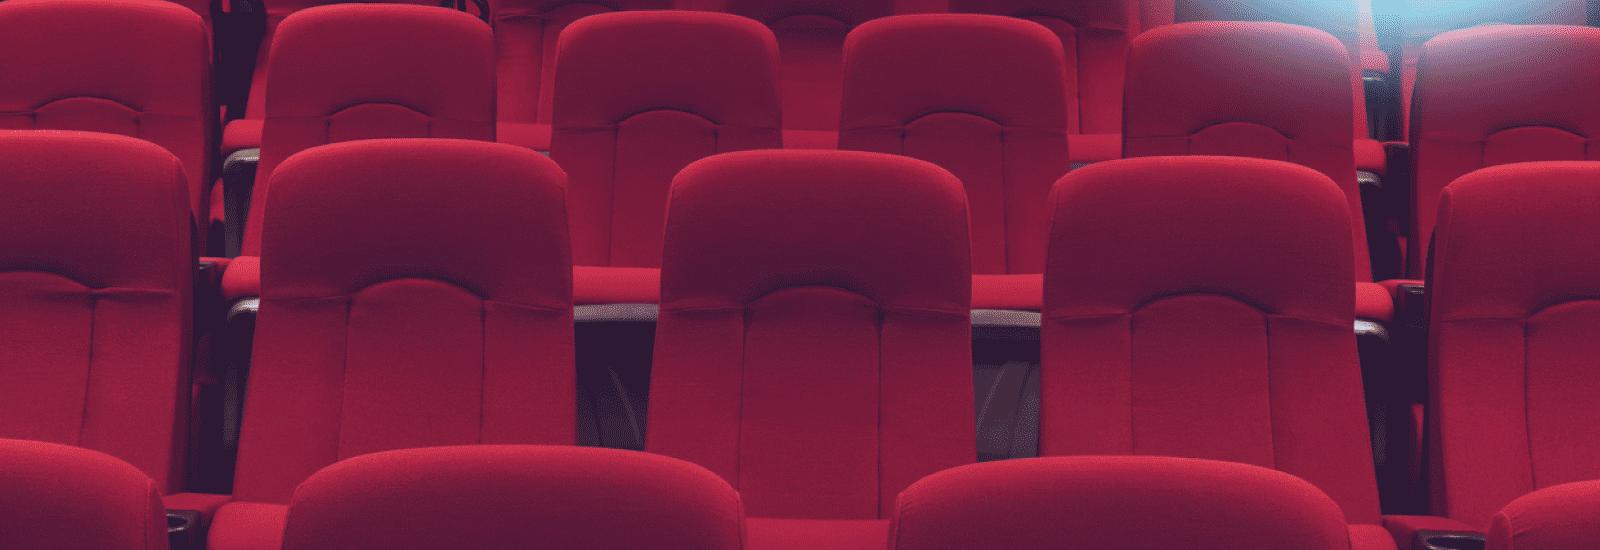 APG Movie Theater